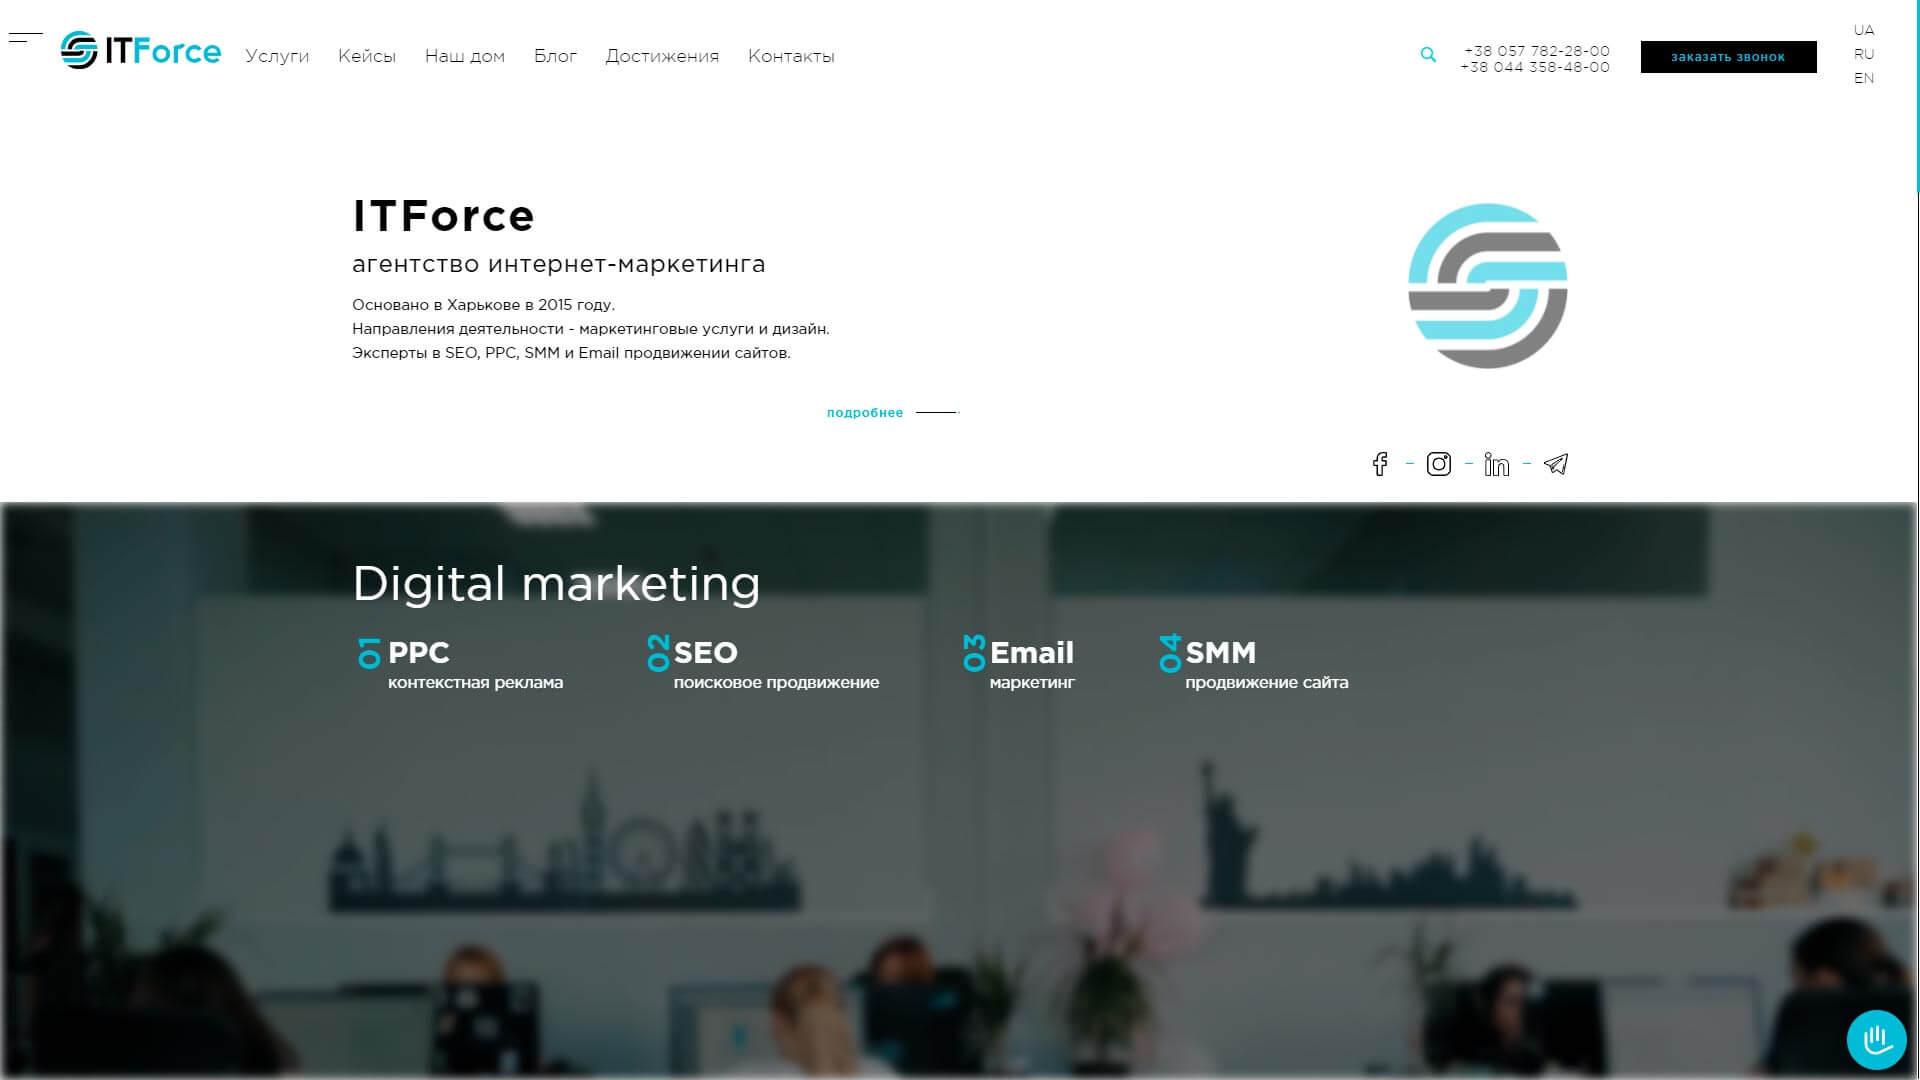 ITForce - обзор компании, услуги, отзывы, клиенты   Google SEO, Фото № 1 - google-seo.pro